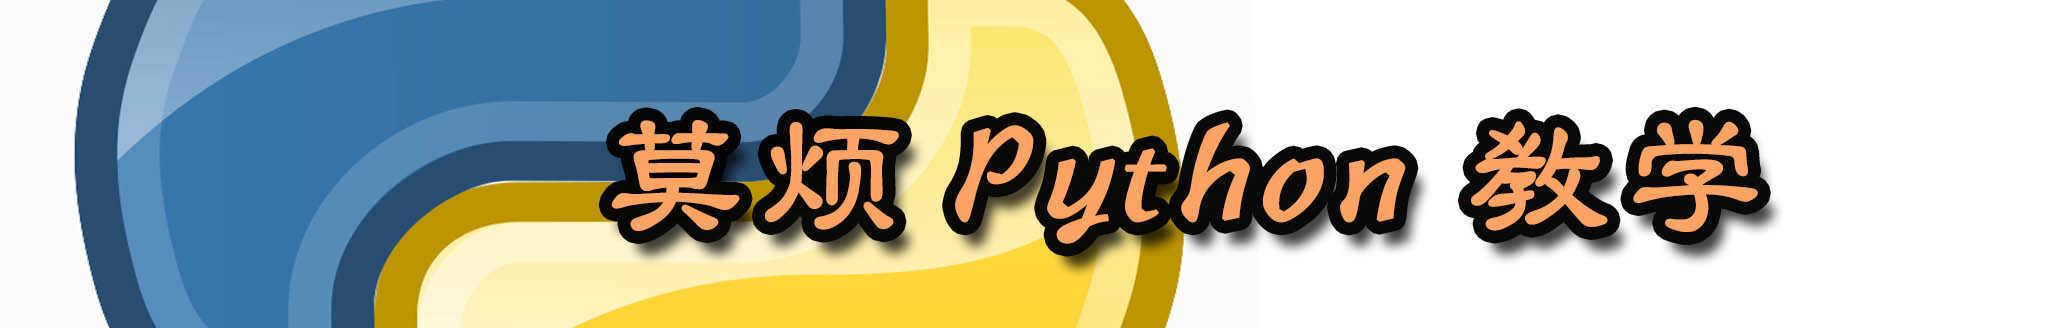 莫烦Python banner